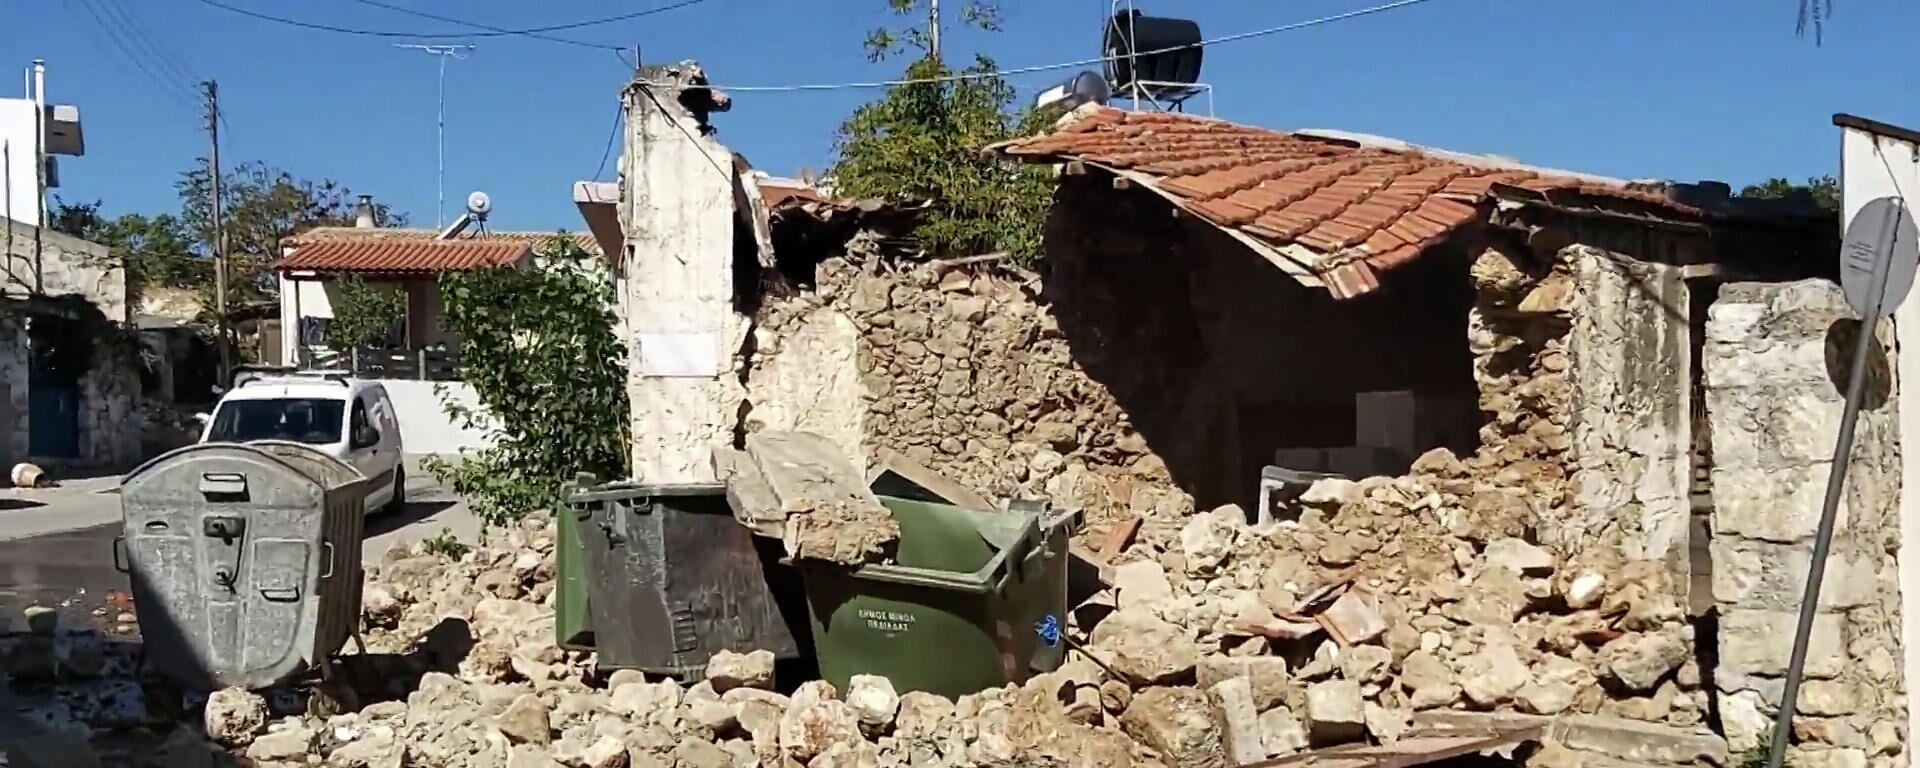 В сети появились кадры последствий землетрясения в Греции – видео  - Sputnik Беларусь, 1920, 27.09.2021